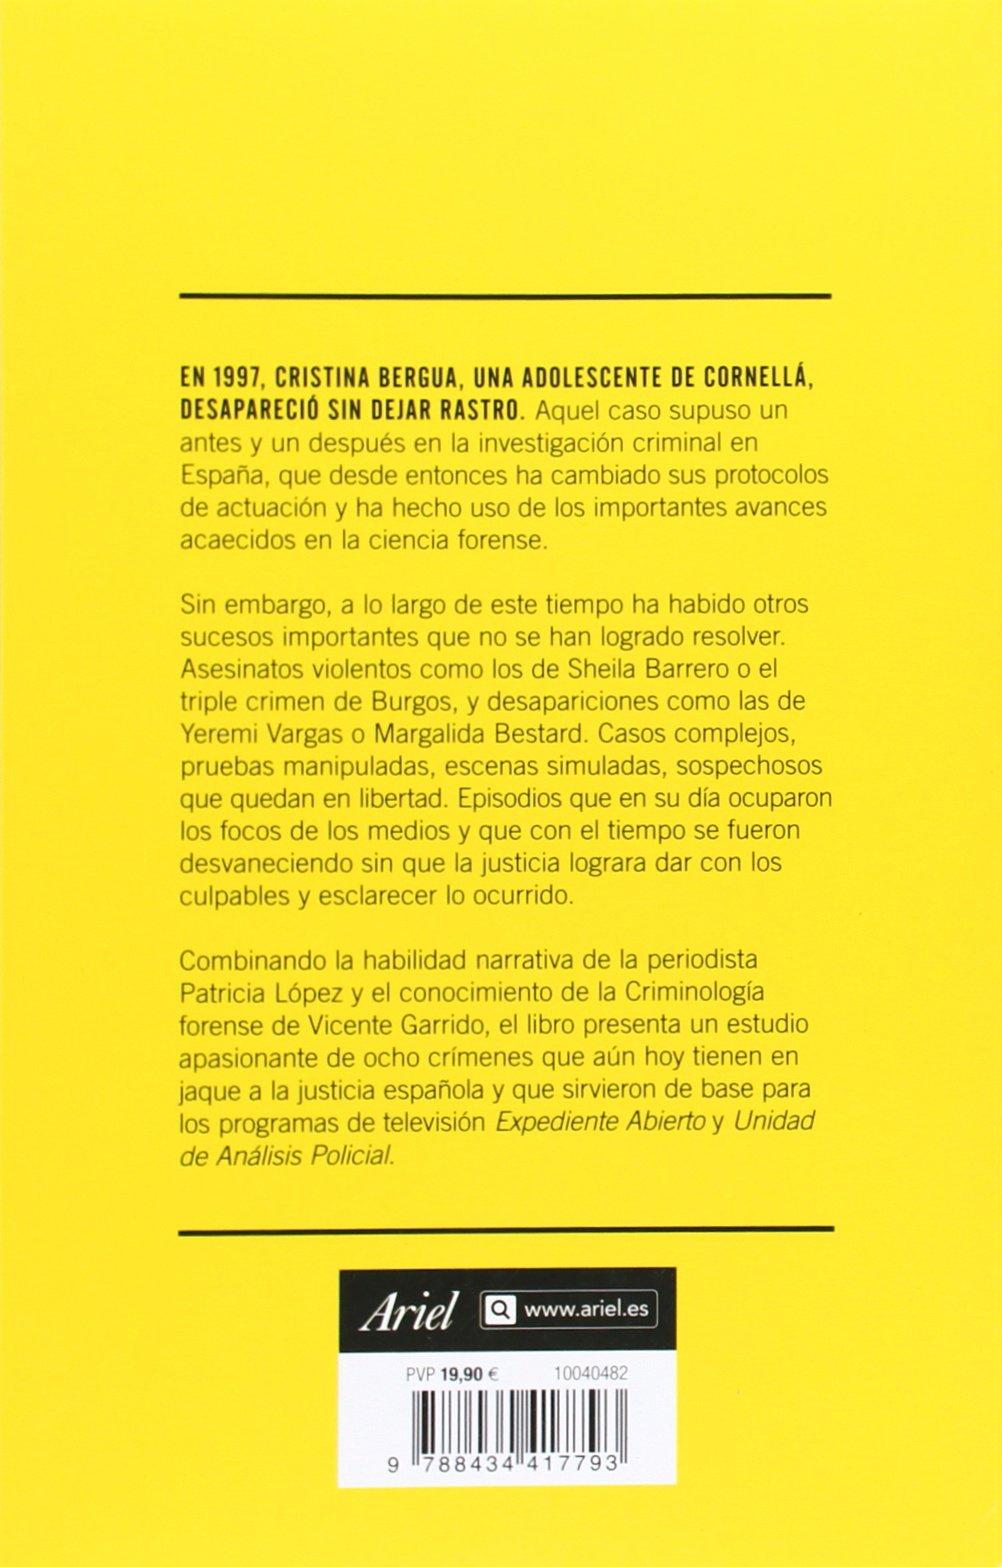 Crímenes sin resolver: Los casos que tienen en jaque a la justicia española Ariel: Amazon.es: Garrido Genovés, Vicente, López Lucio, Patricia: Libros